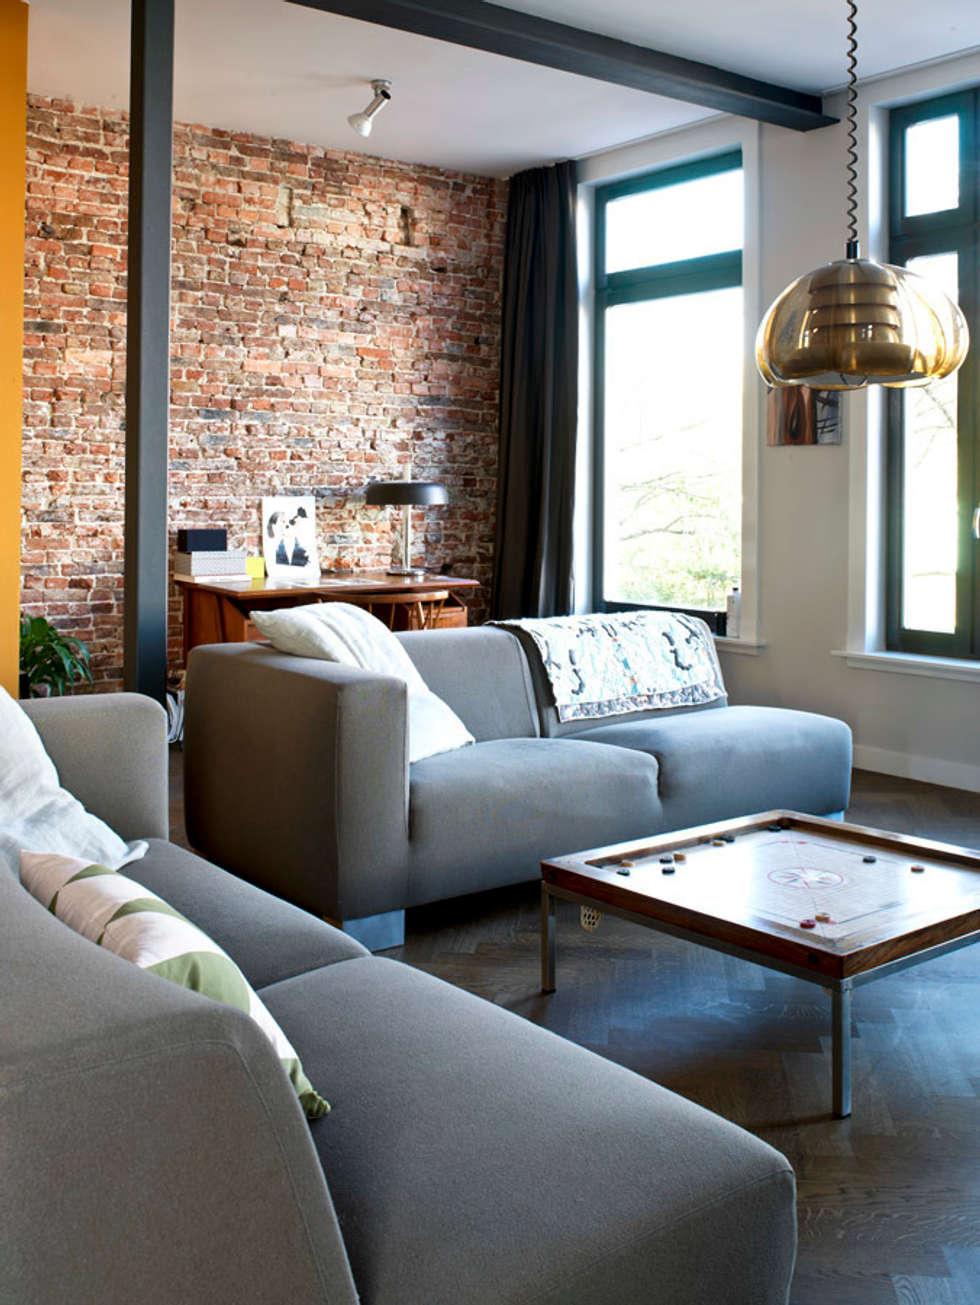 Vintage meubels in een open woonverdieping: industriële Woonkamer door StrandNL architectuur en interieur